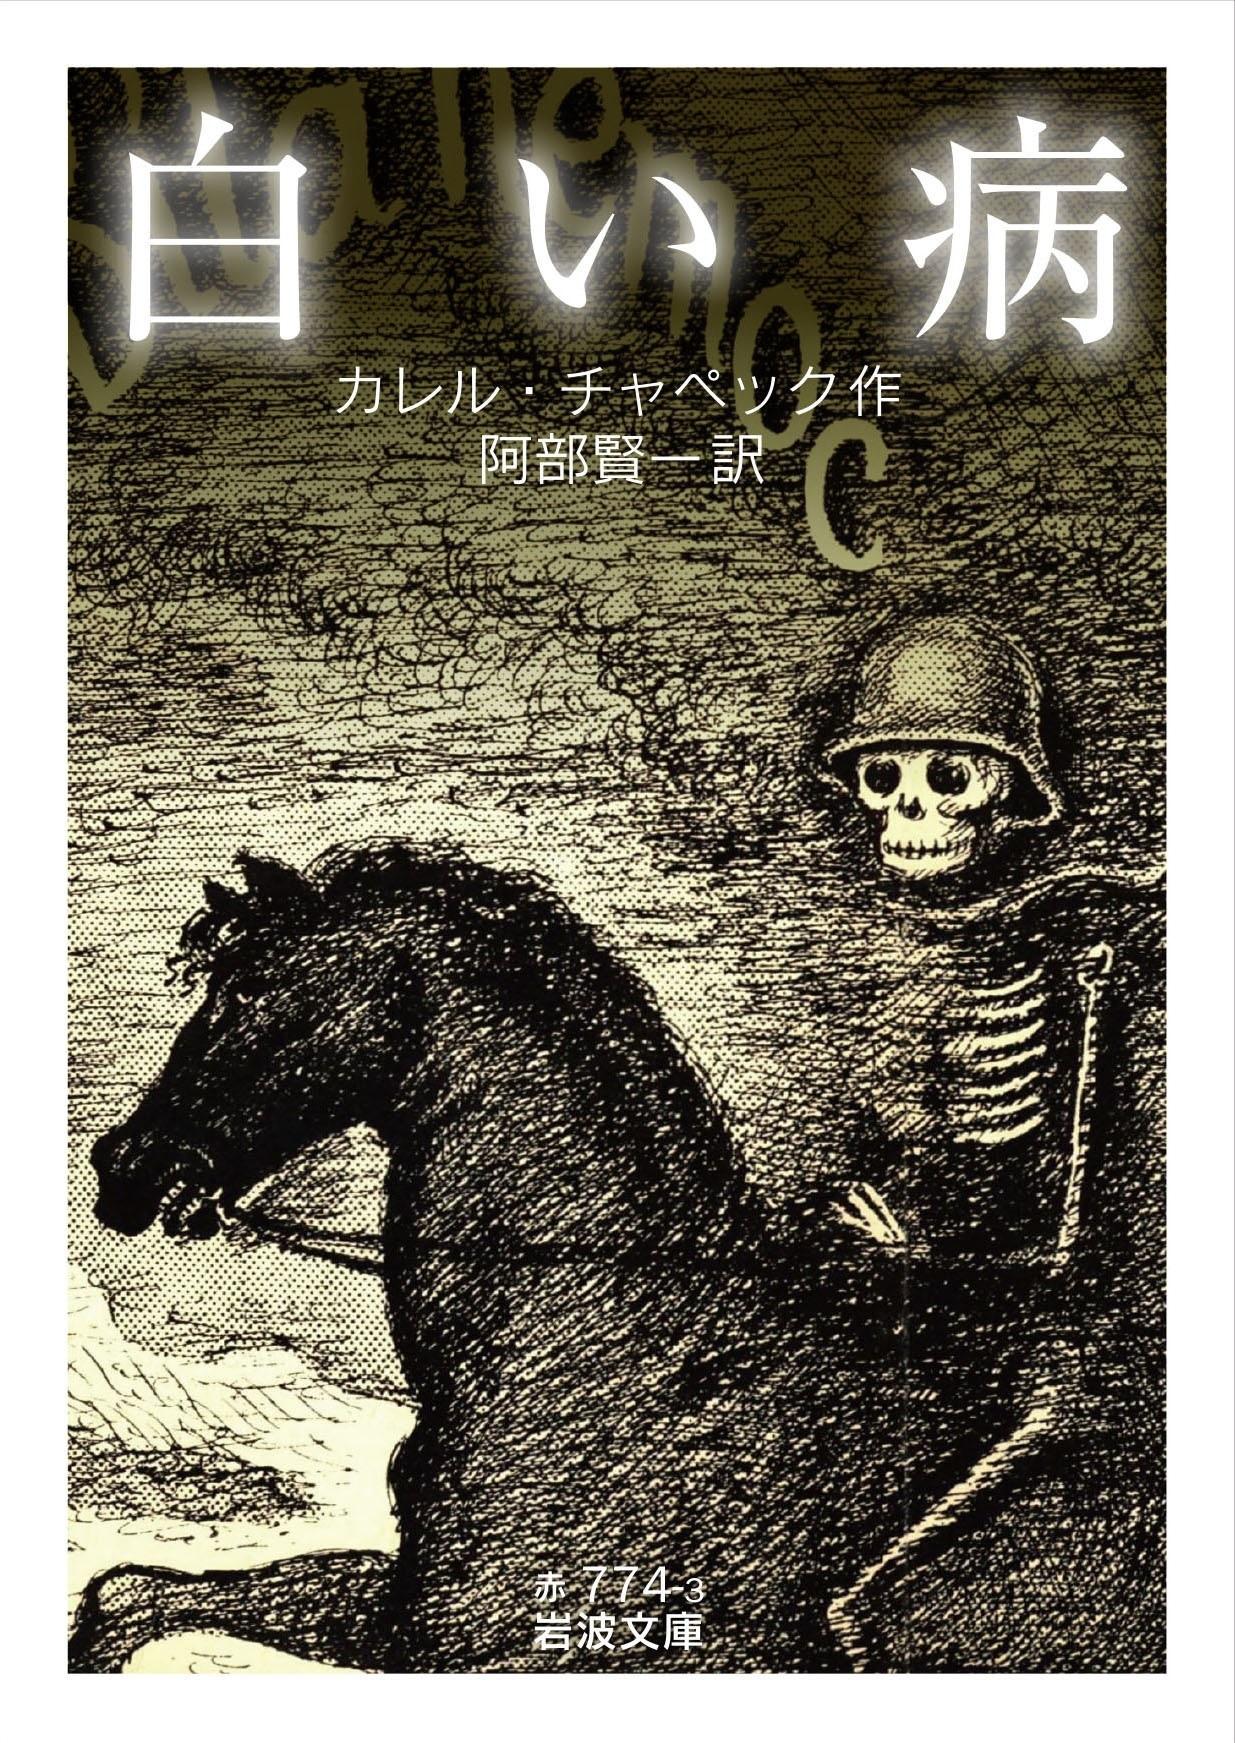 写真・図版 : 岩波文庫『白い病』(カレル・チャペック作、阿部賢一訳)